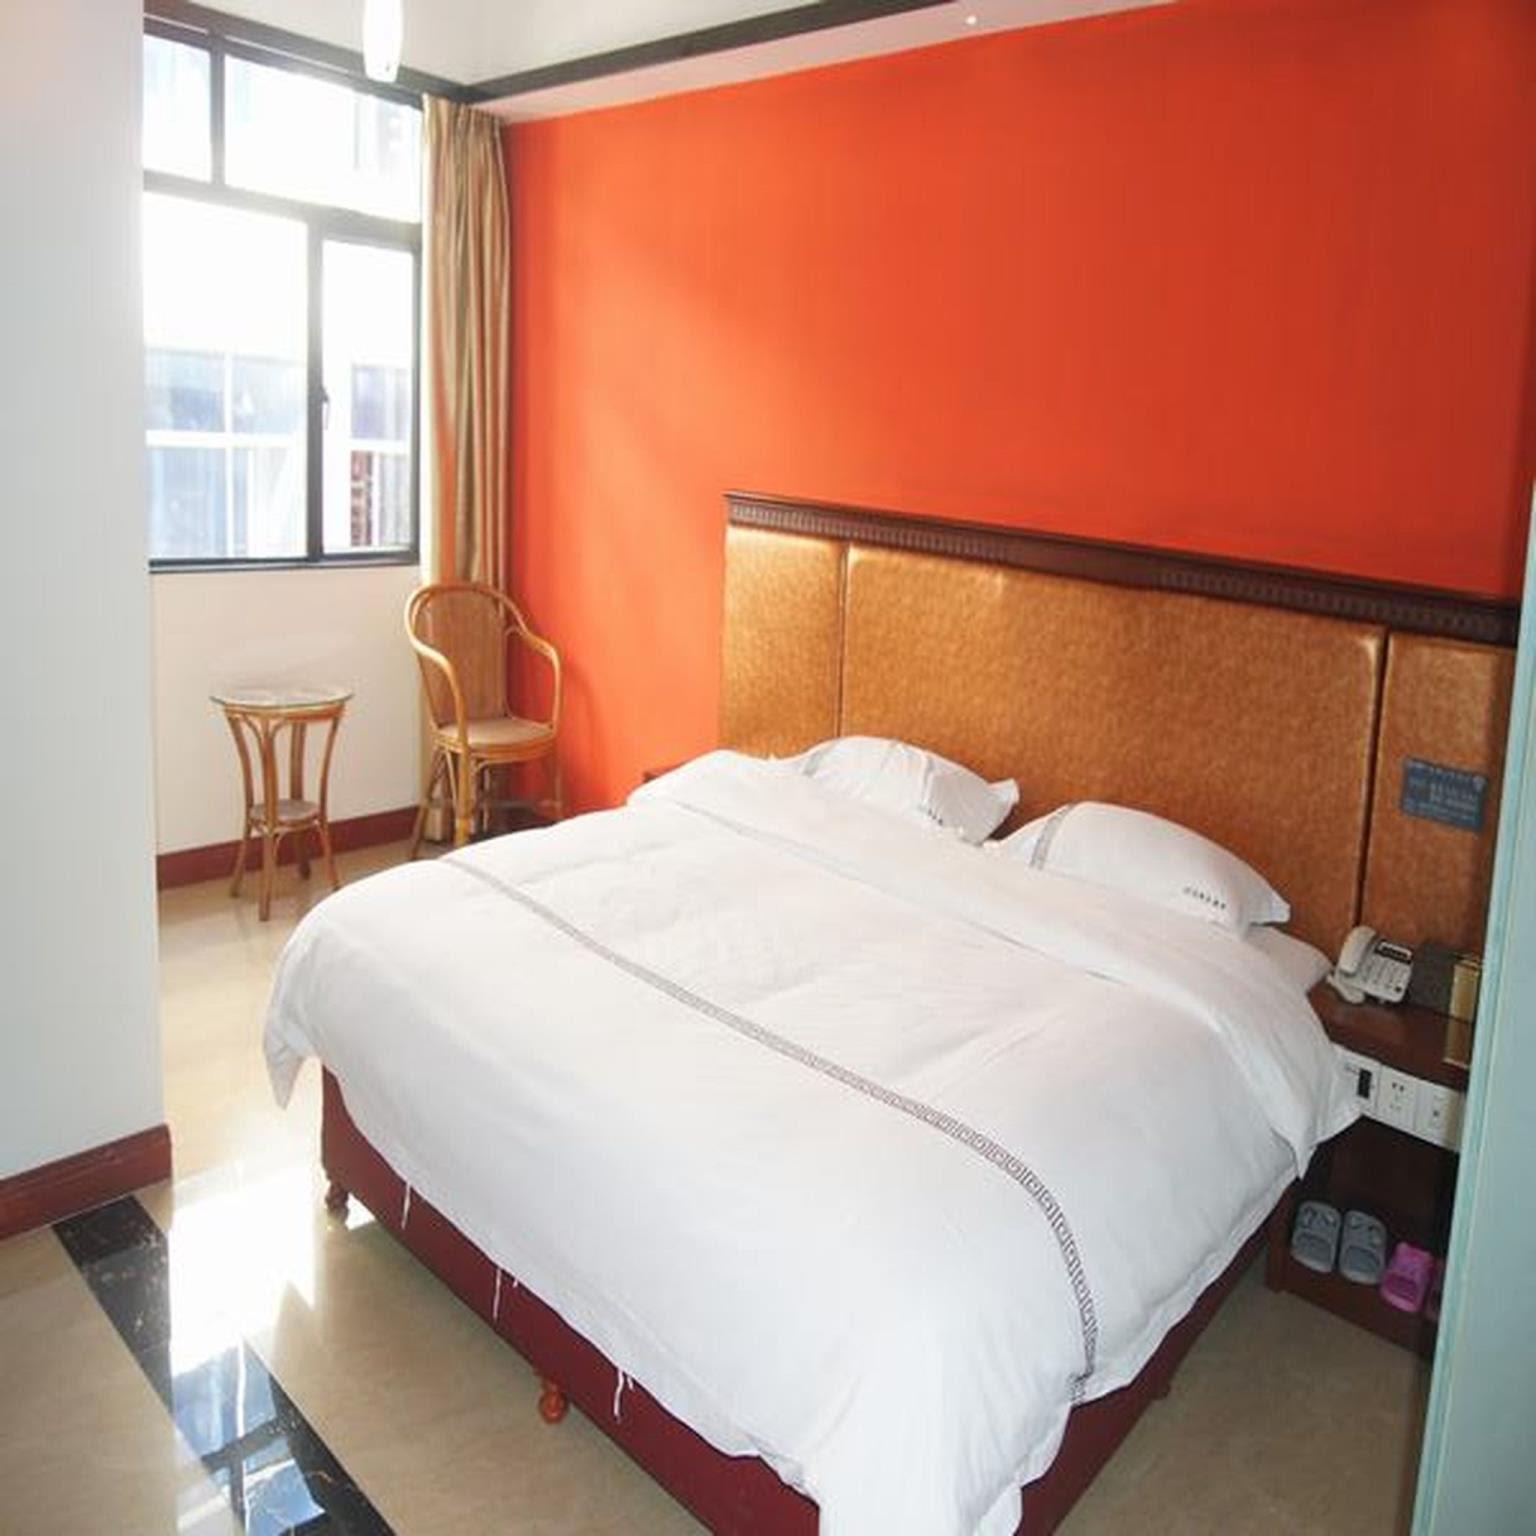 Price Yimi Hotel Zengcheng Xintang Sun City Store